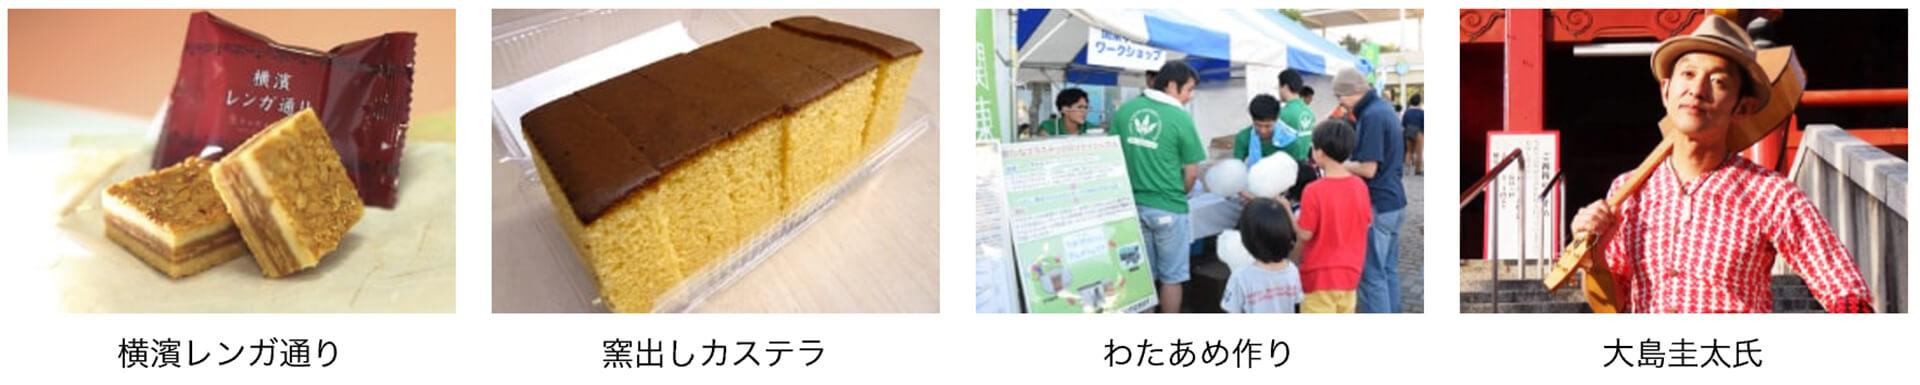 金沢の観光や産業・ブランドのPR内容